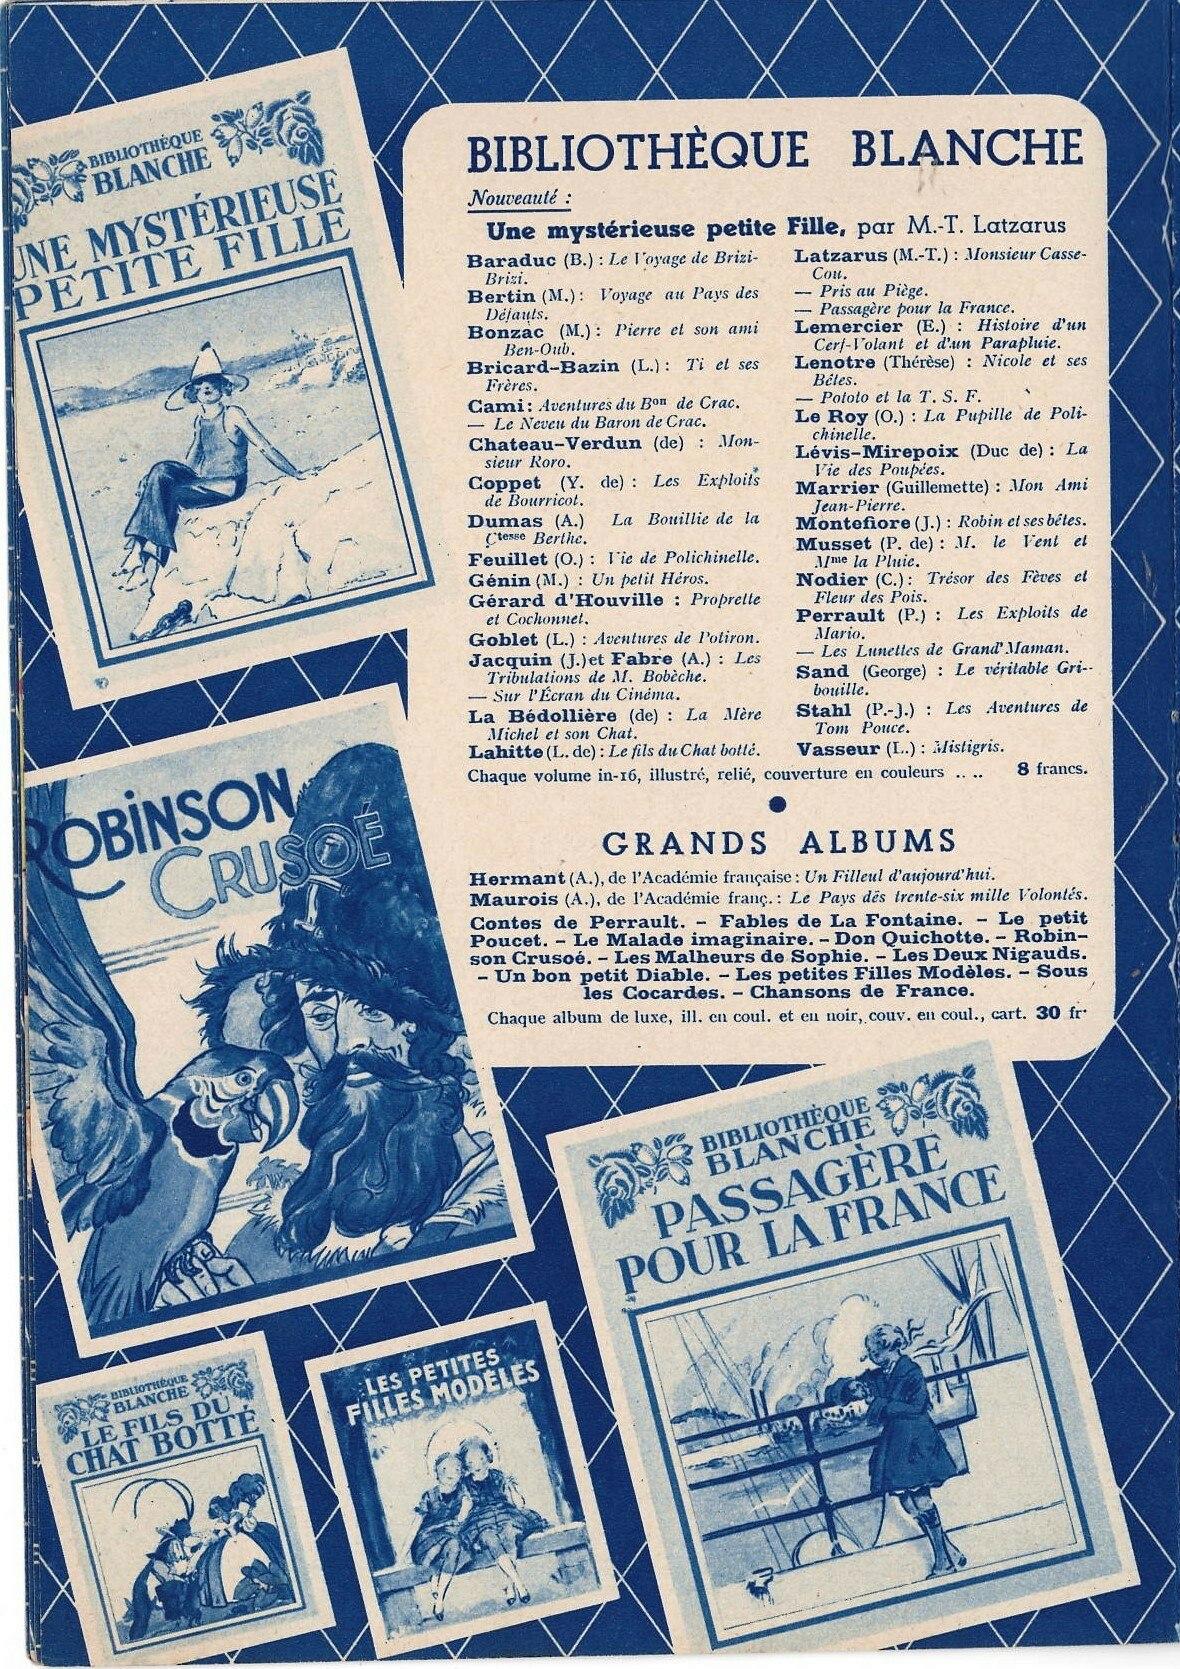 Les Grands Albums Hachette Img24110